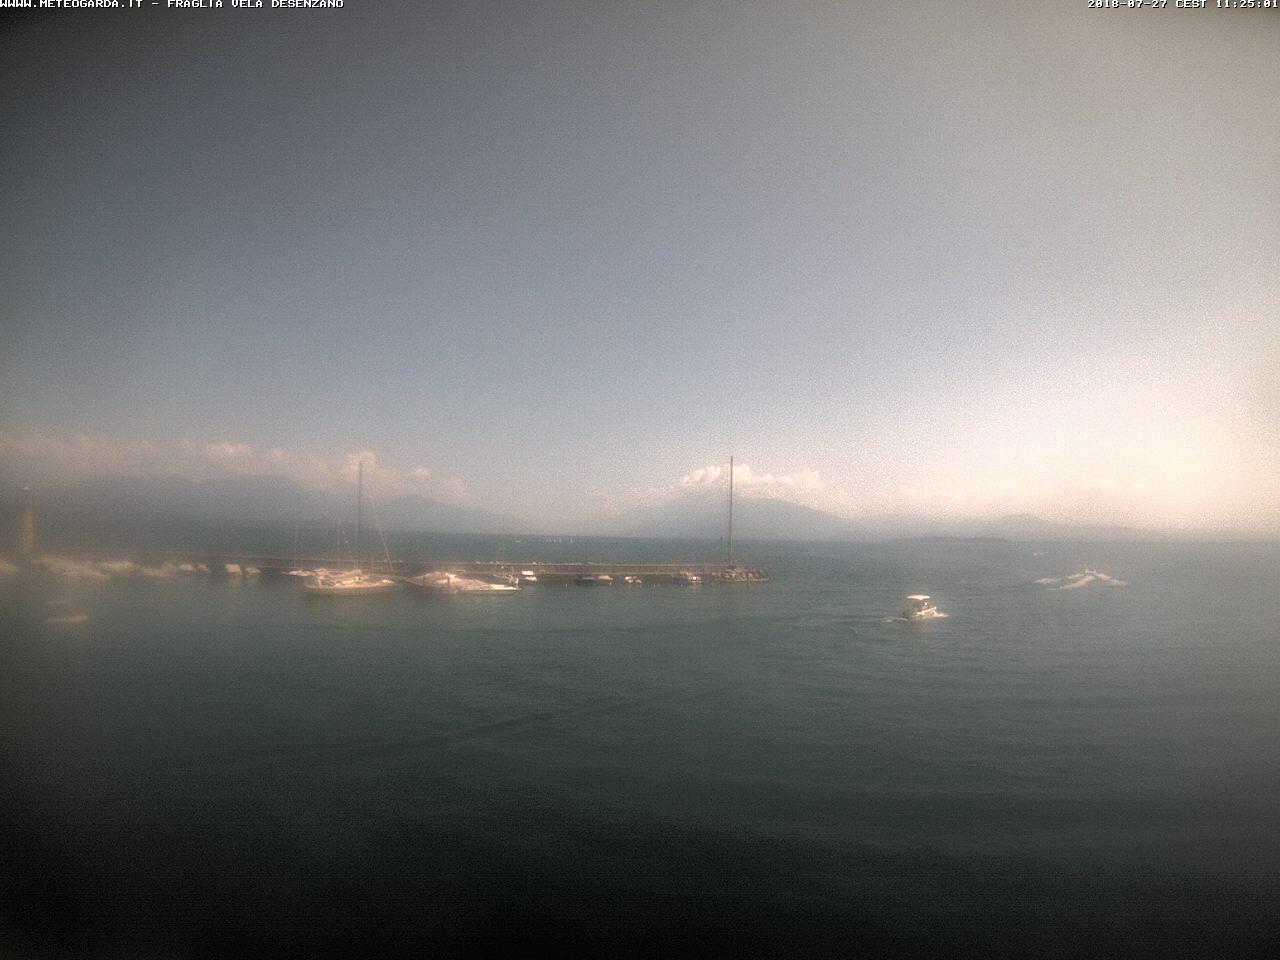 Meteogarda Desenzano Webcam